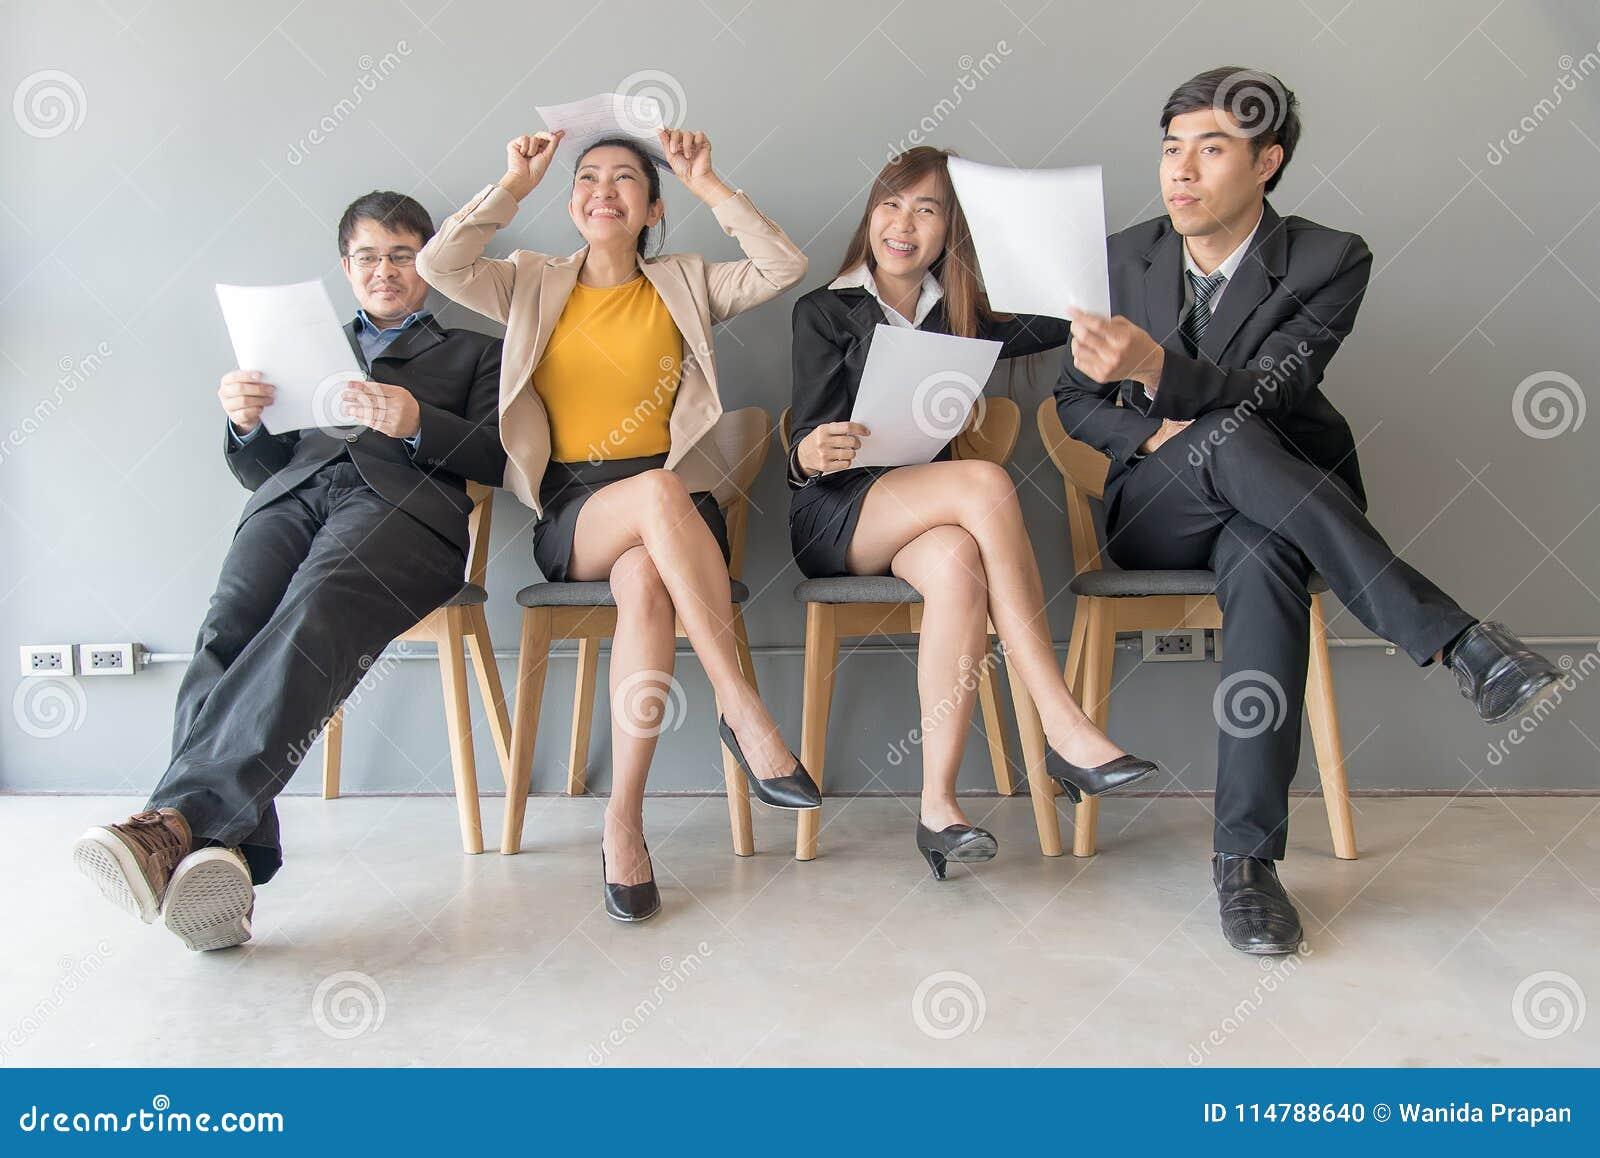 стала hysterical работа одно интервью они Группа в составе азиатские люди рассматривает документ пока ждущ собеседование для прие